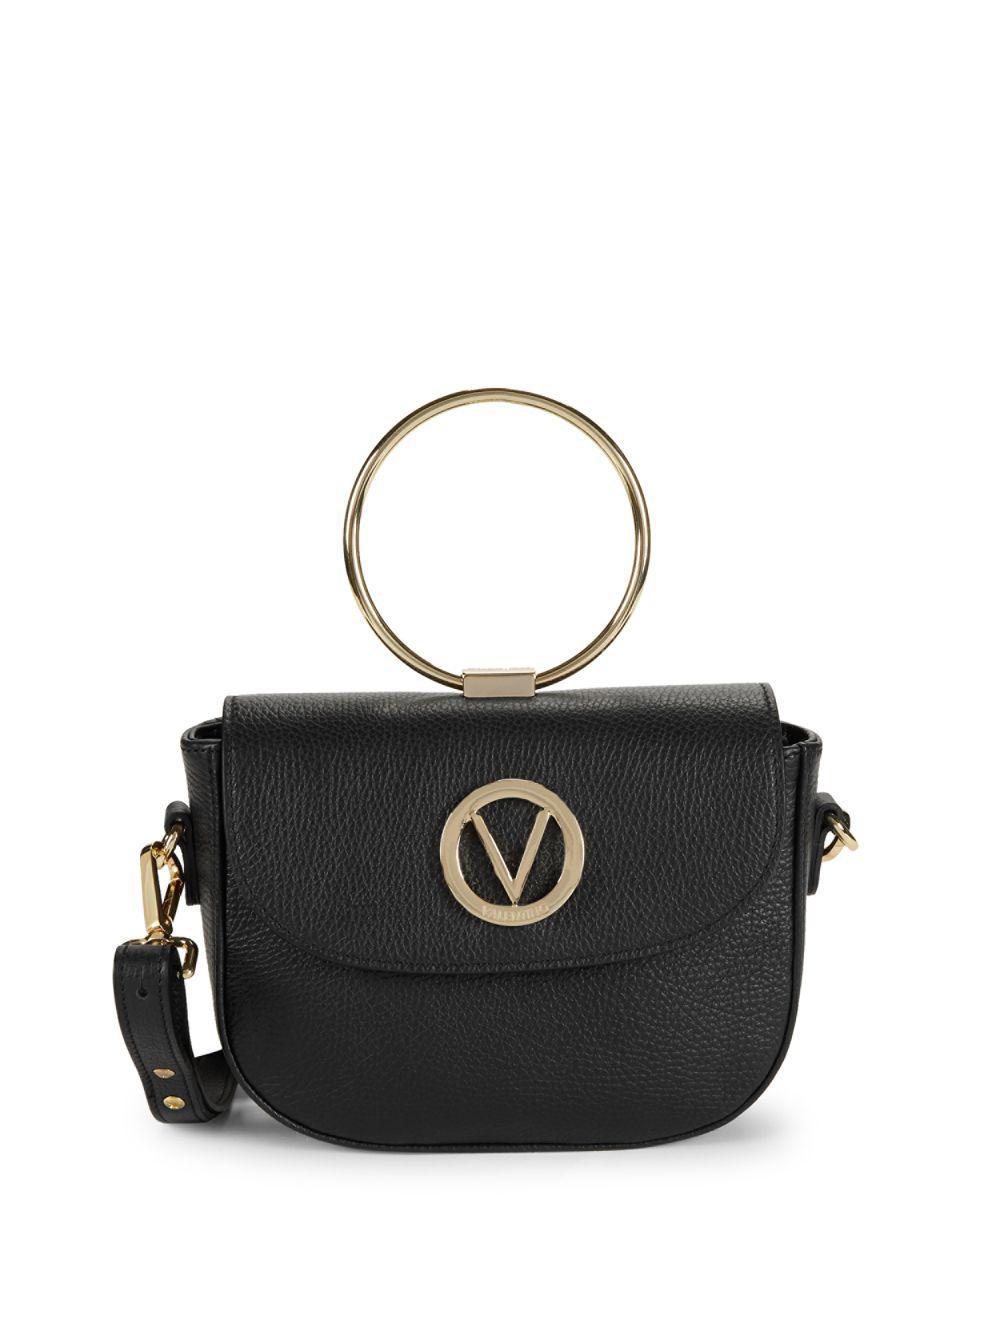 14e69f64ca Valentino By Mario Valentino. Women s Black Lunette Leather Crossbody Bag